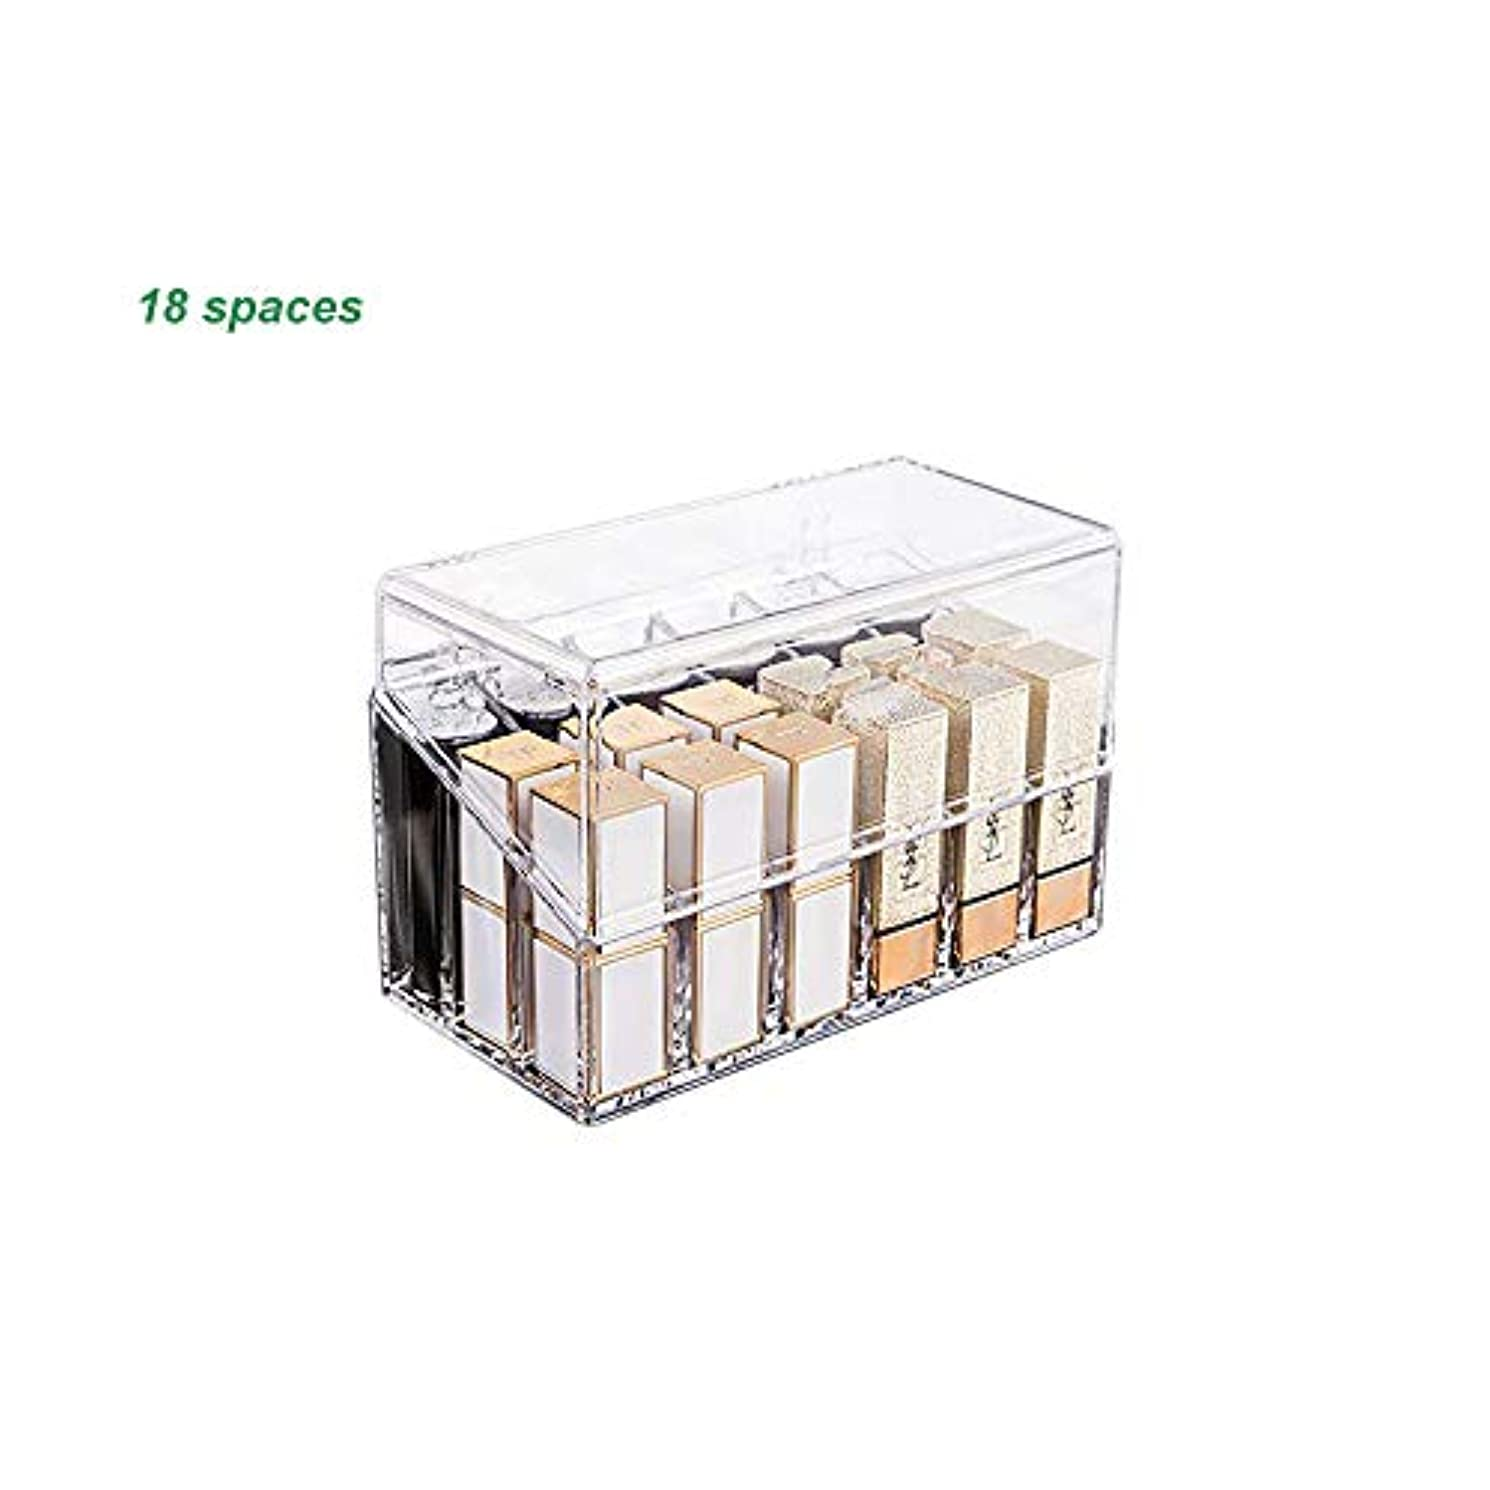 口紅収納ボックス 18本 アクリル リップスティック収納ケース コスメ小物用品 化粧品収納ケース 透明